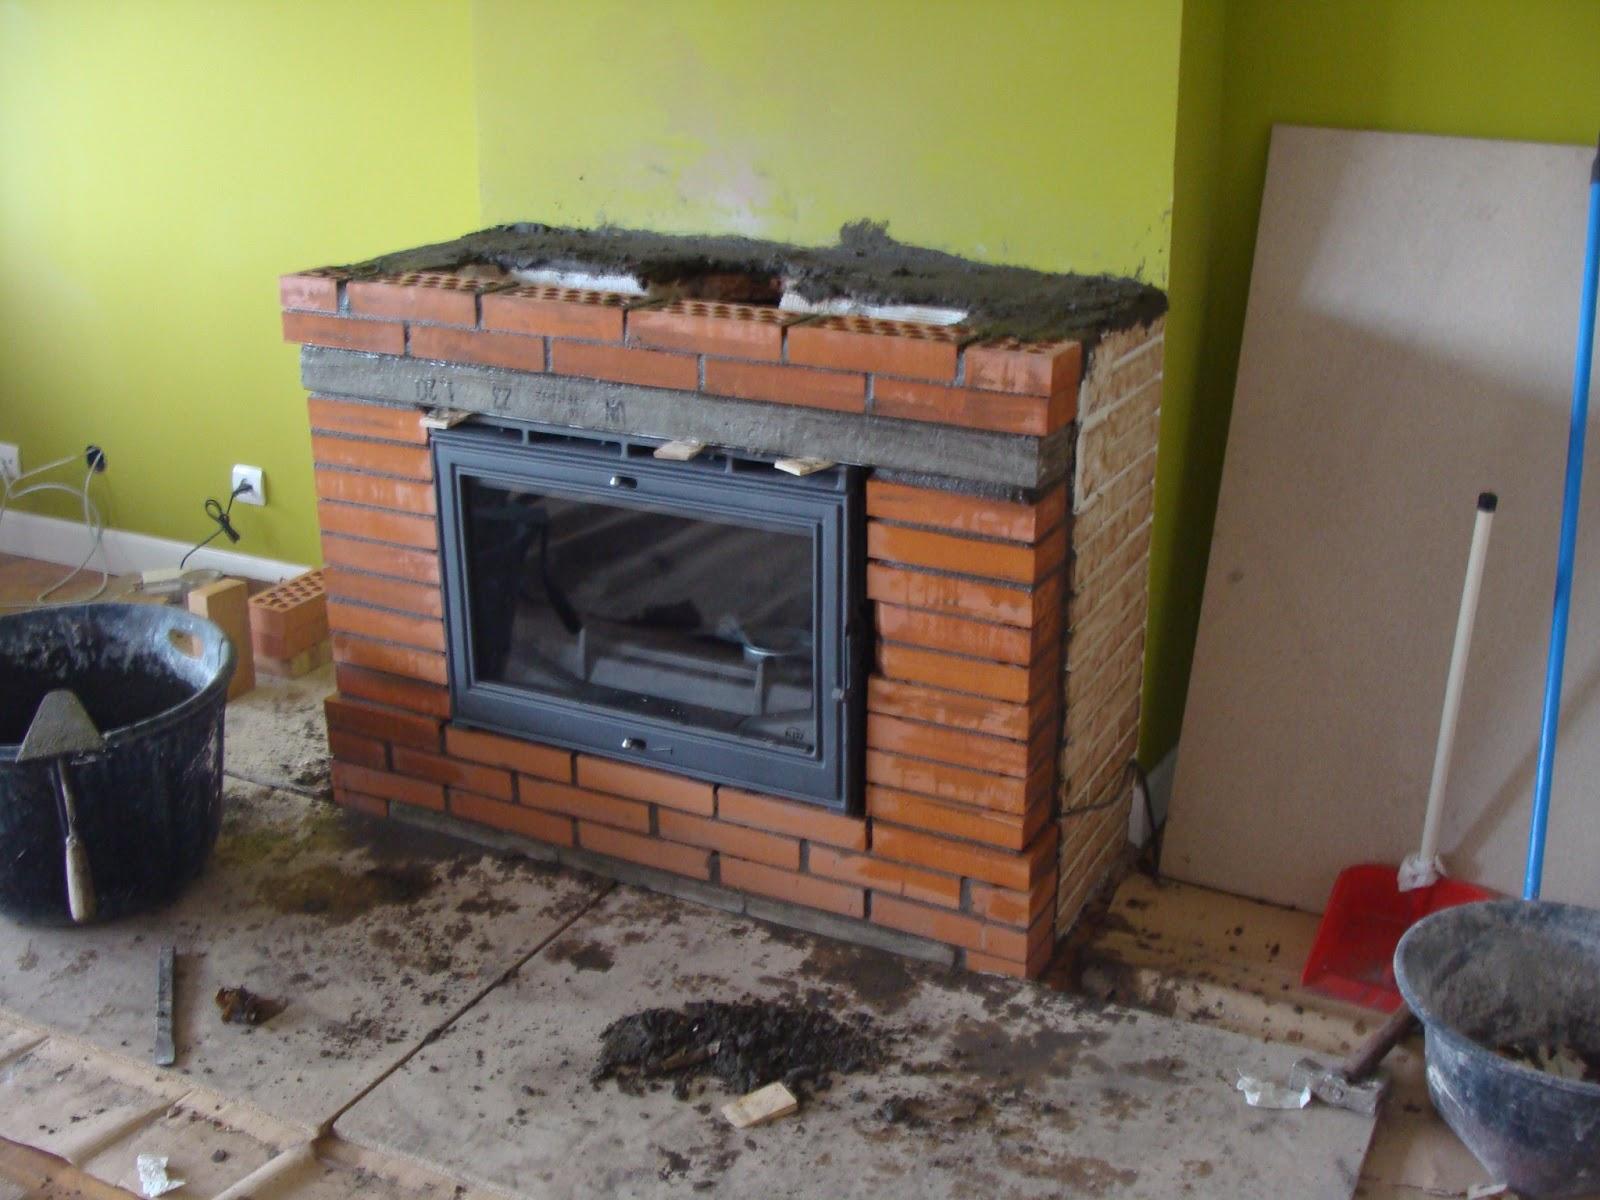 Andocarpinteando montaje de chimenea y reducci n de - Chimeneas de obra ...